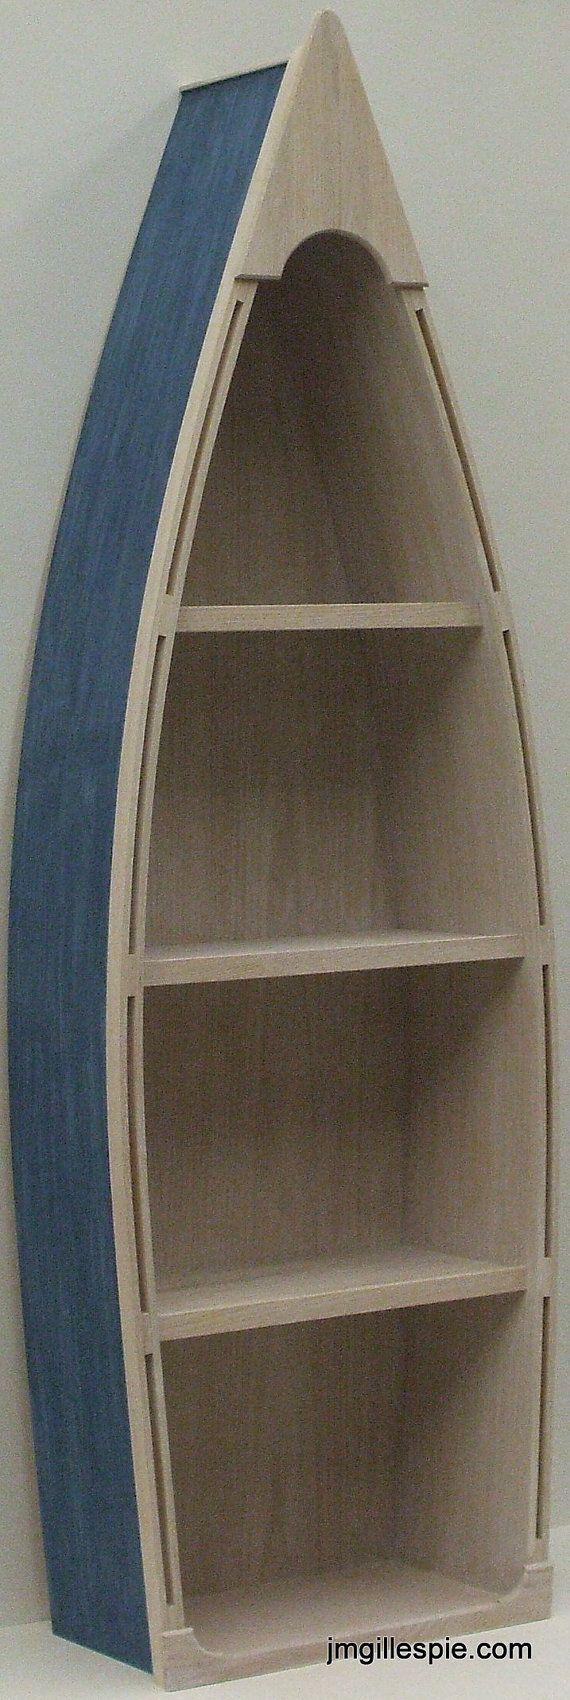 5 Foot Blue Row Boat Bookshelf Bookcase Shelves Skiff Schooner